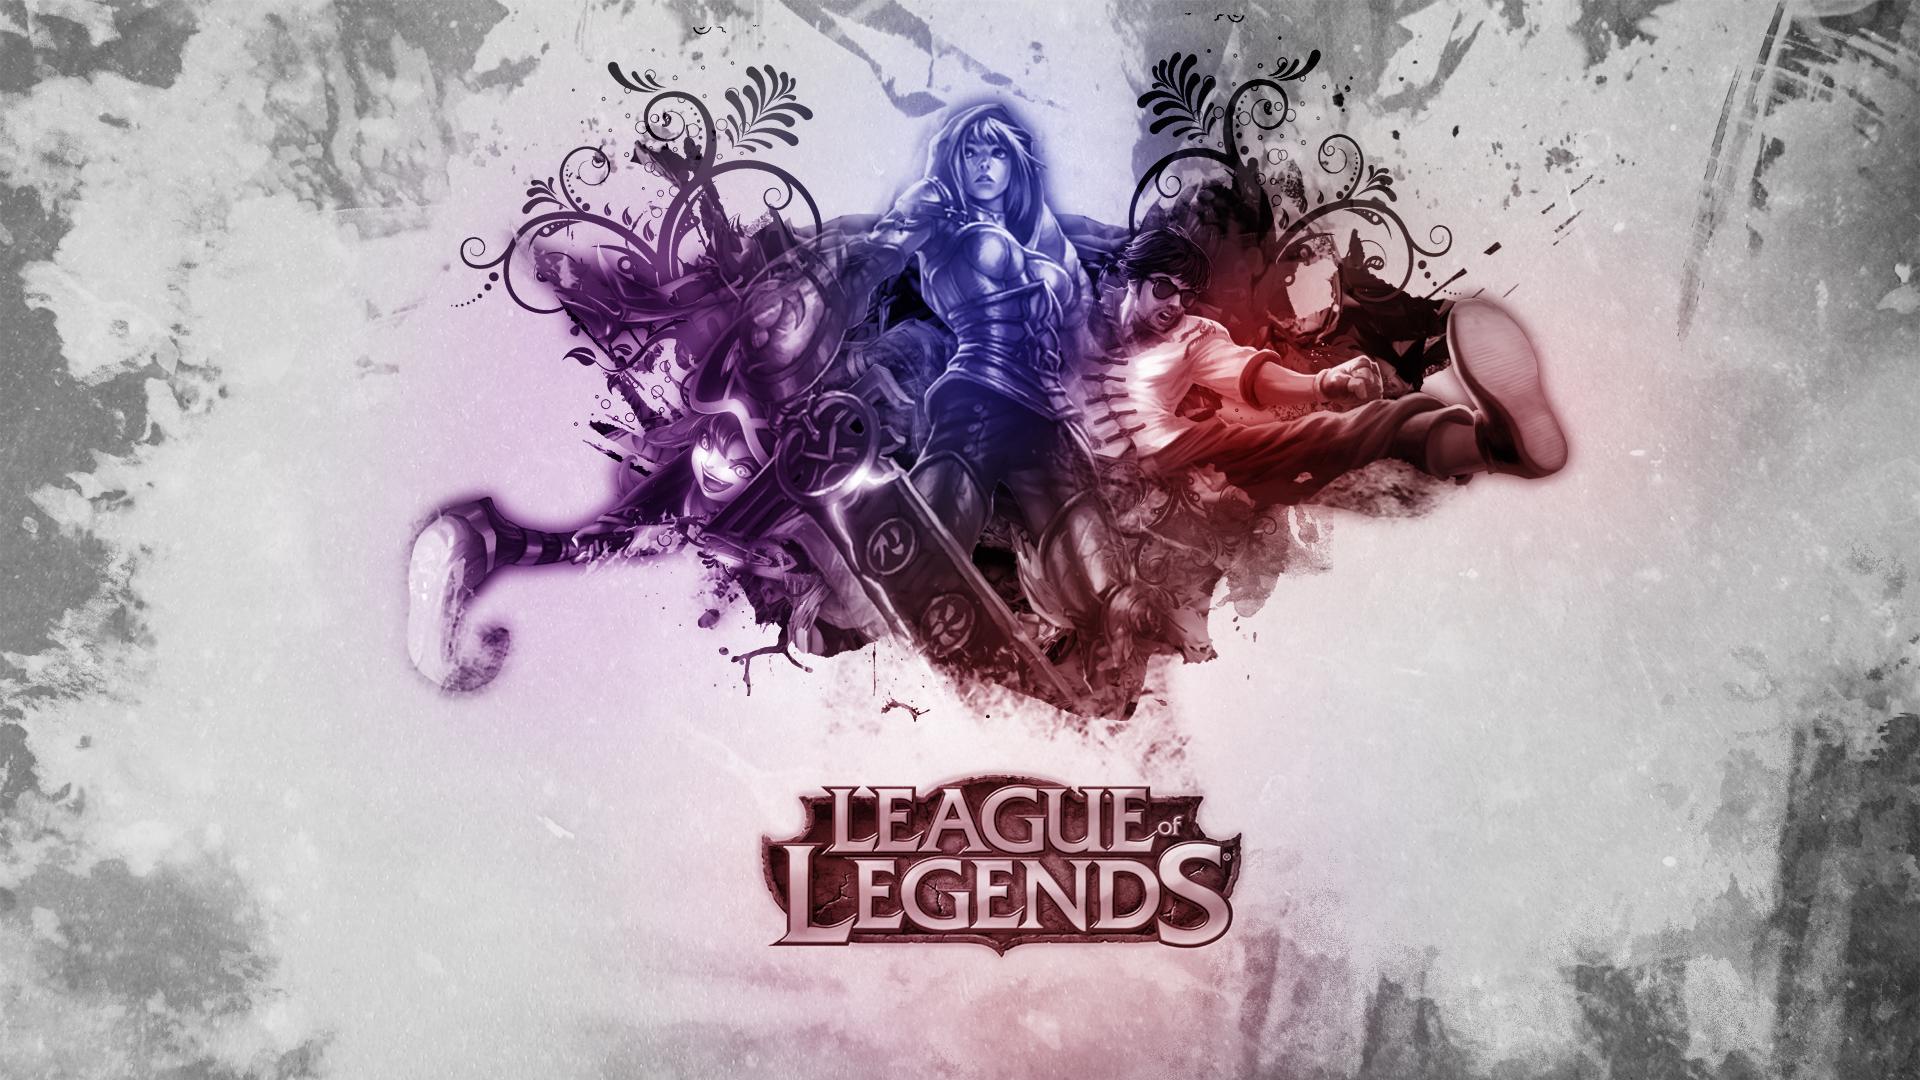 http://fc01.deviantart.net/fs70/f/2012/201/b/e/league_of_legends_wallpaper_by_smilyfacevirus-d57xdfx.jpg